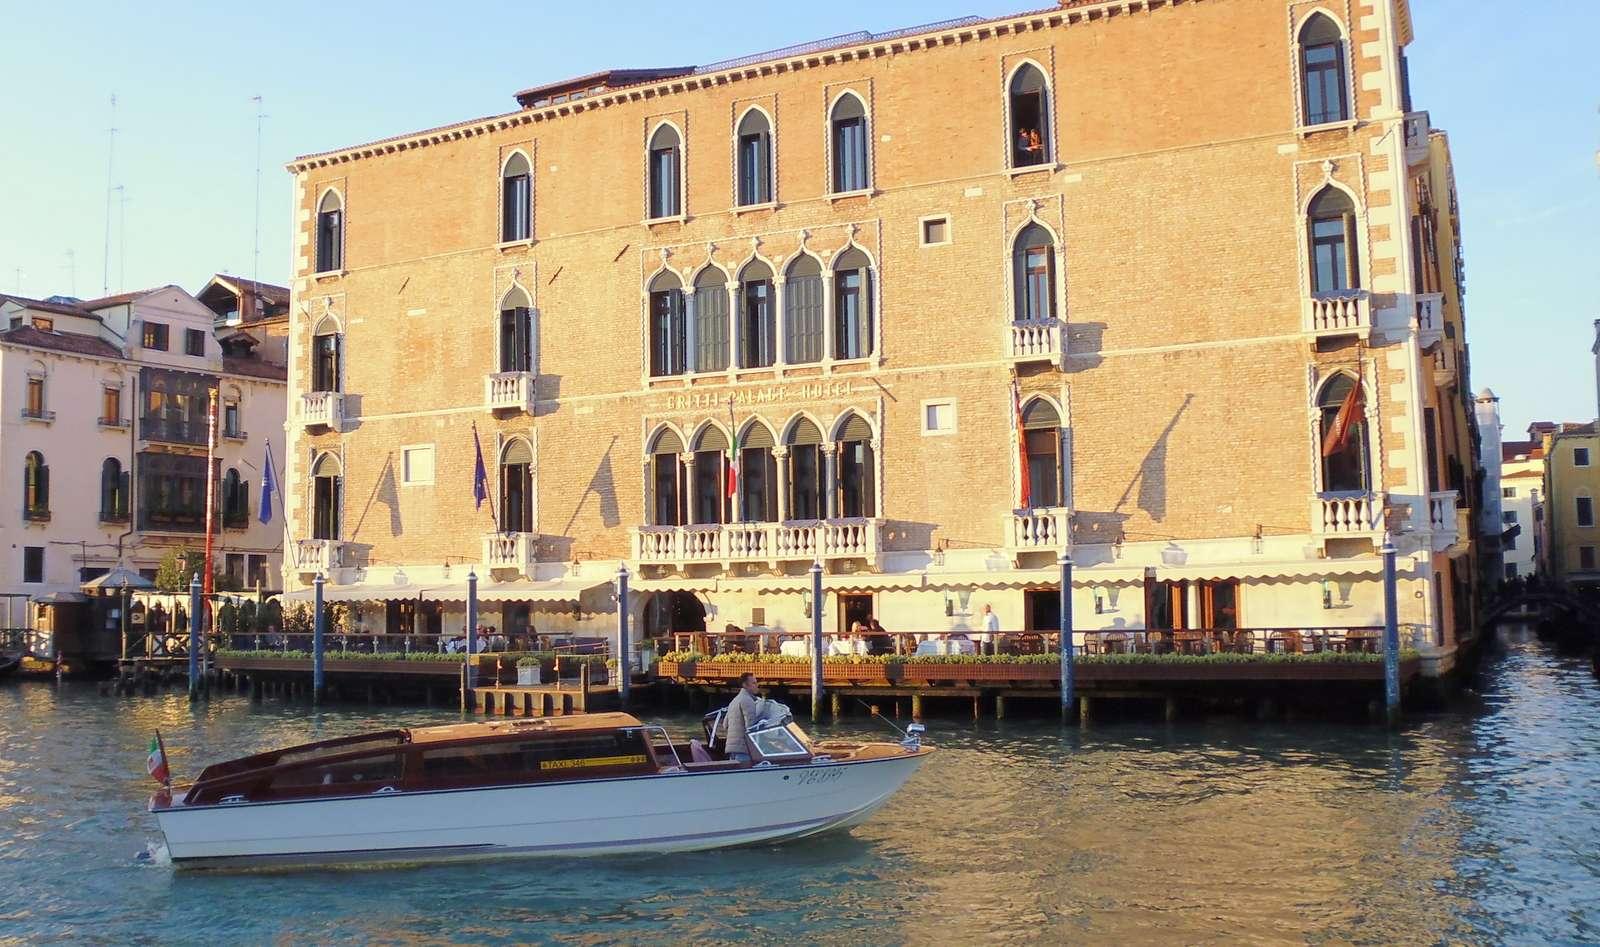 Les bateaux-taxis, confortables mais très chers